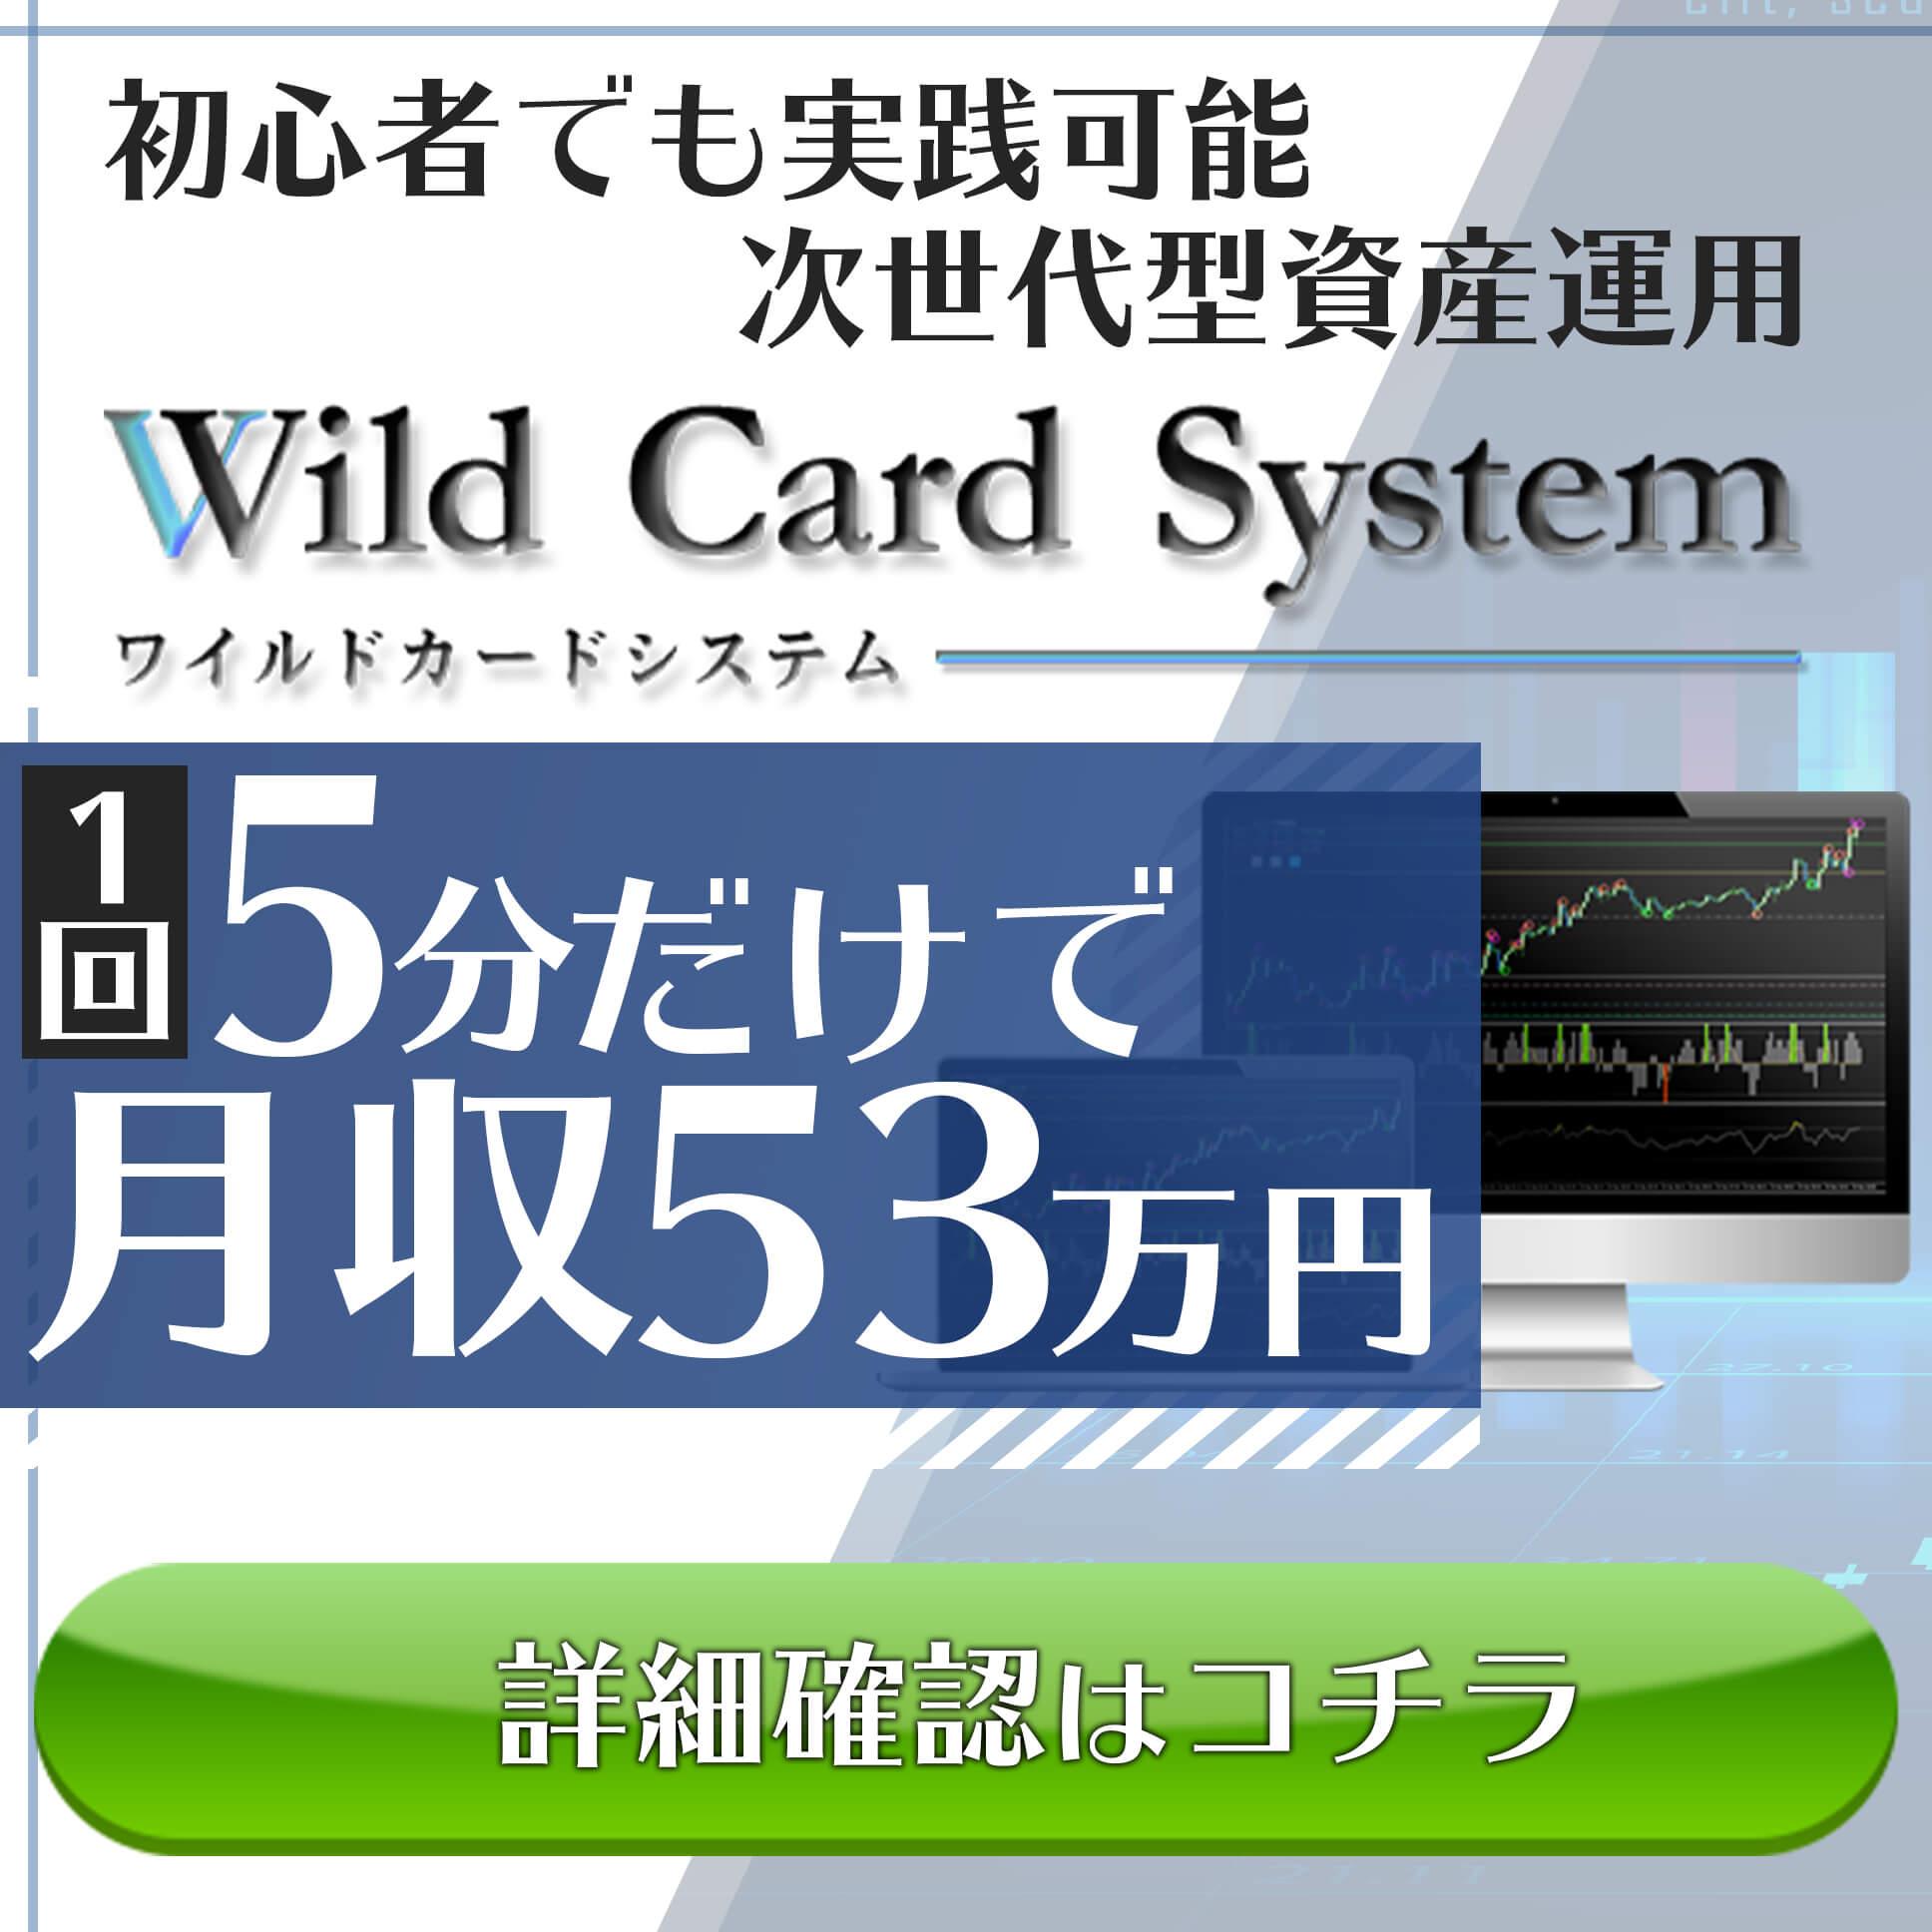 WildCardSystem(ワイルドカードシステム) 画像